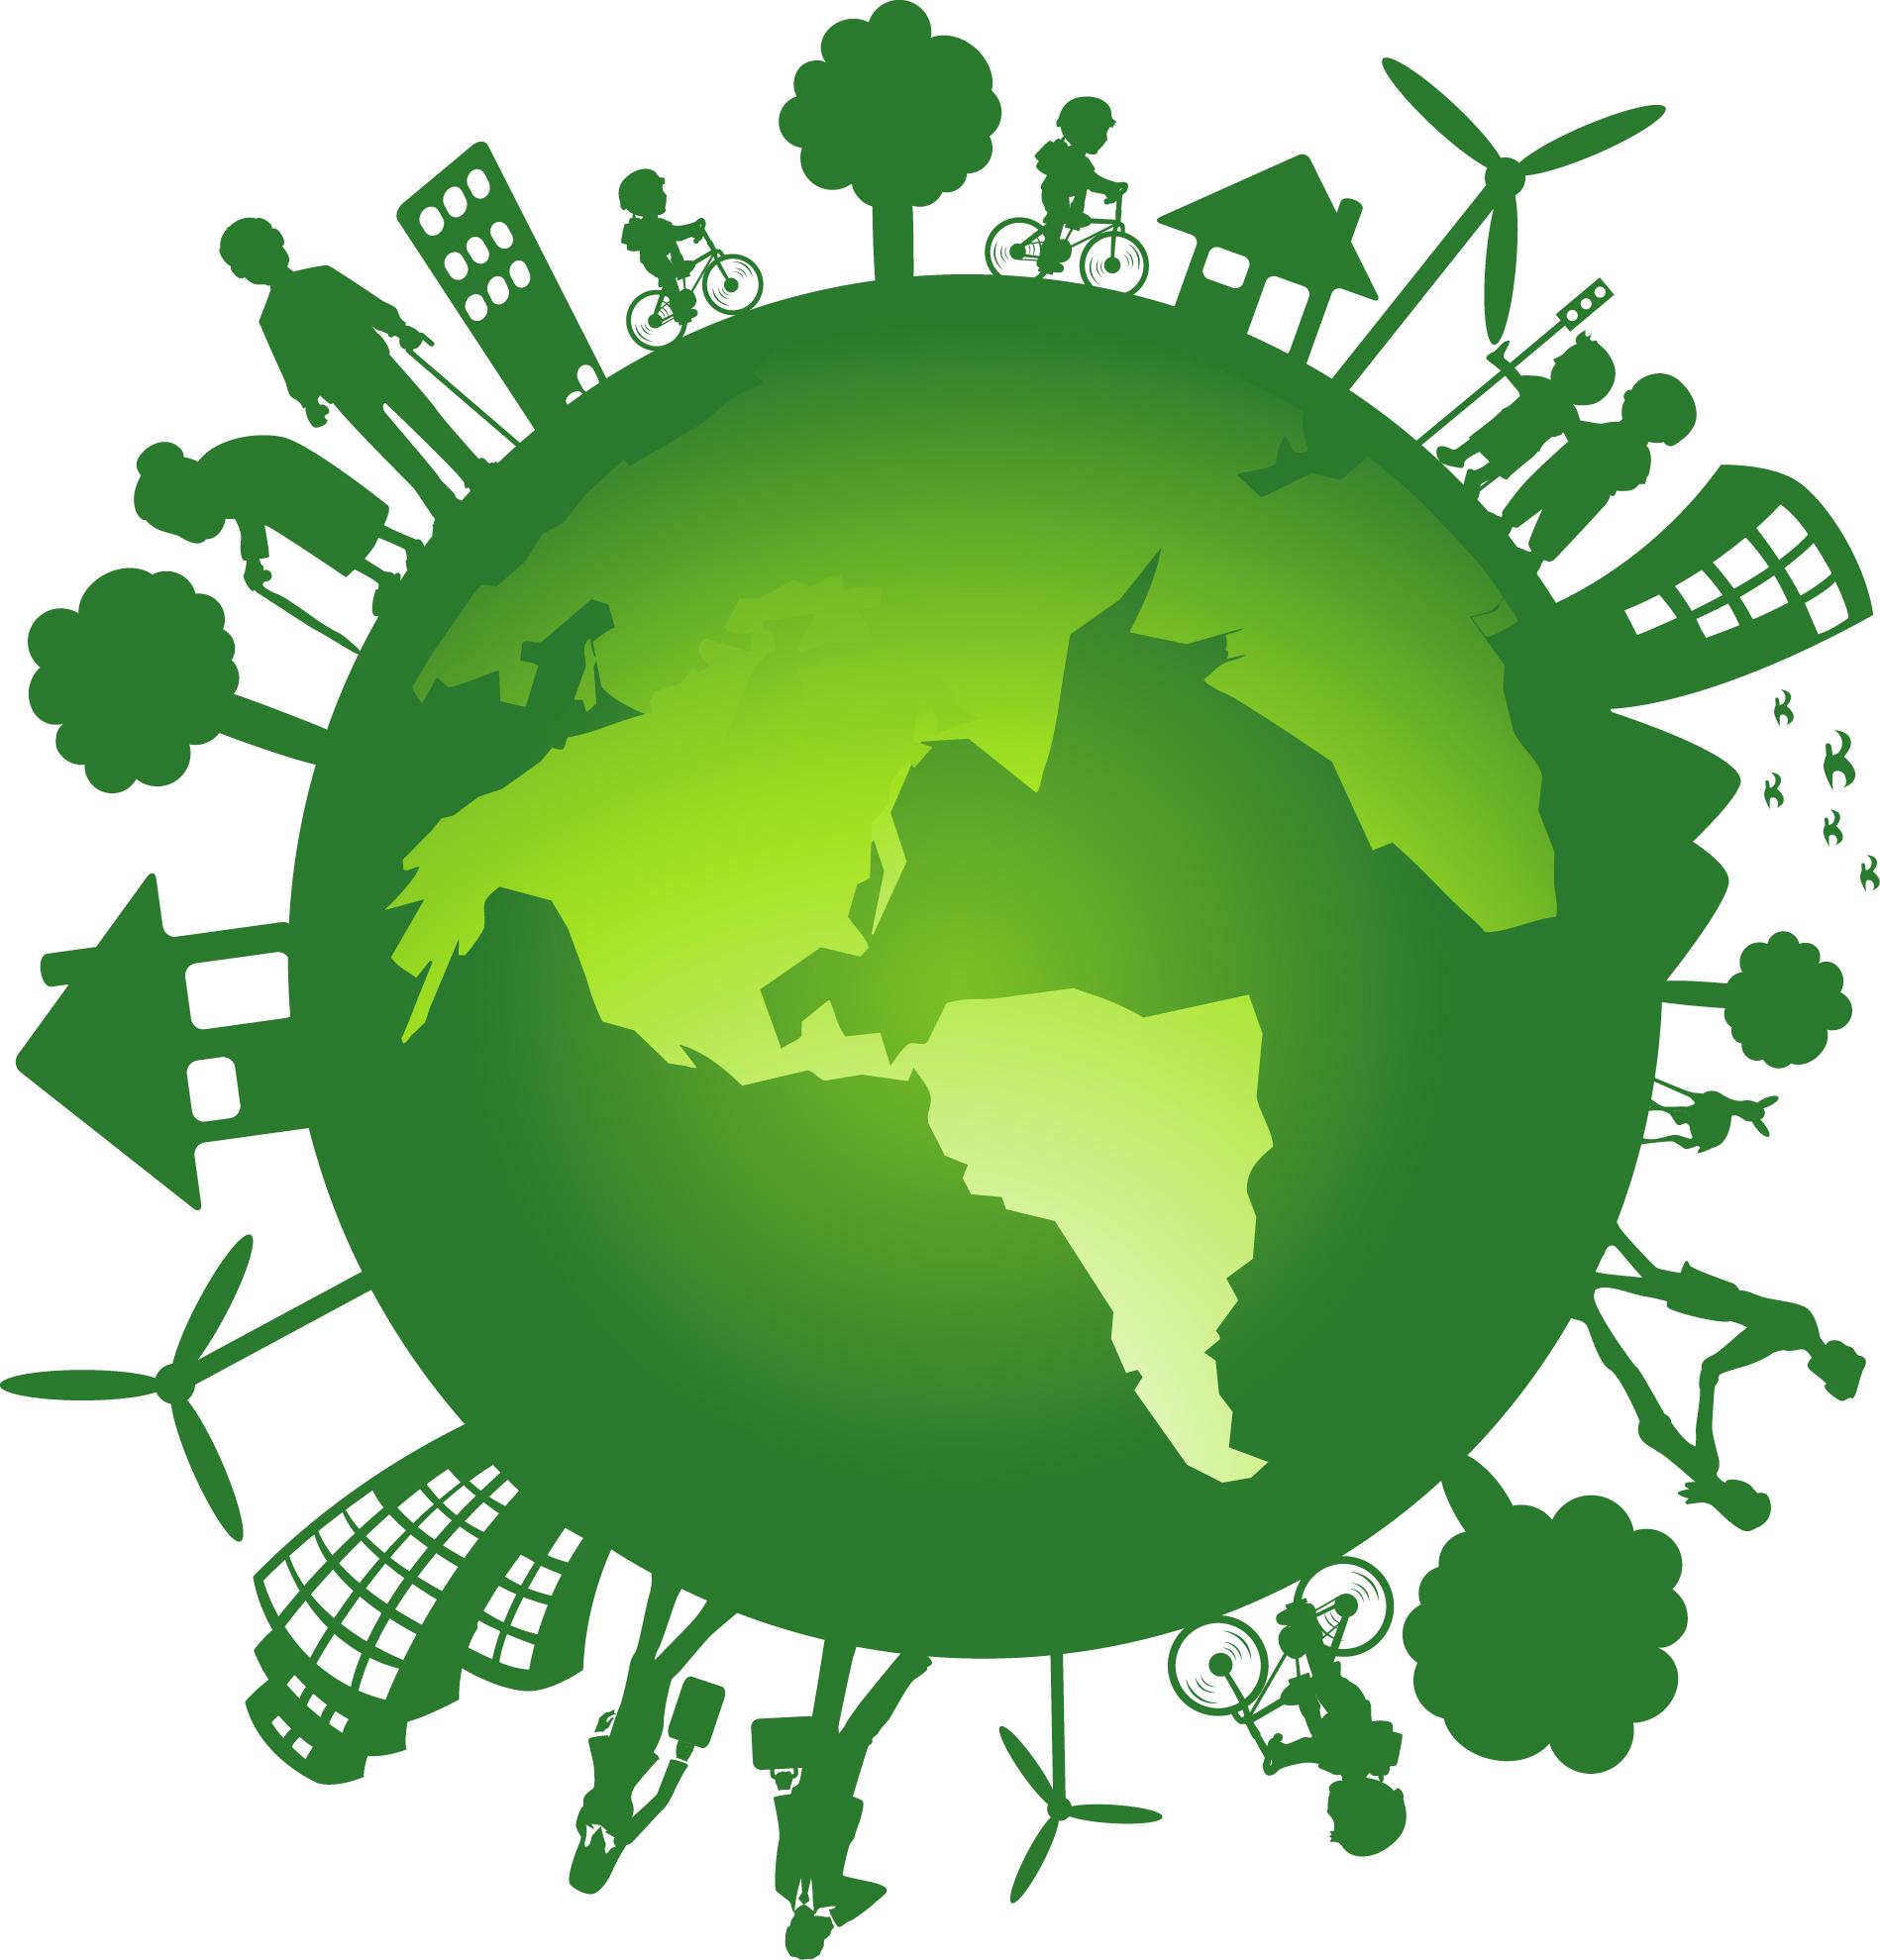 Екологічний конкурс уперше проведуть на Черкащині